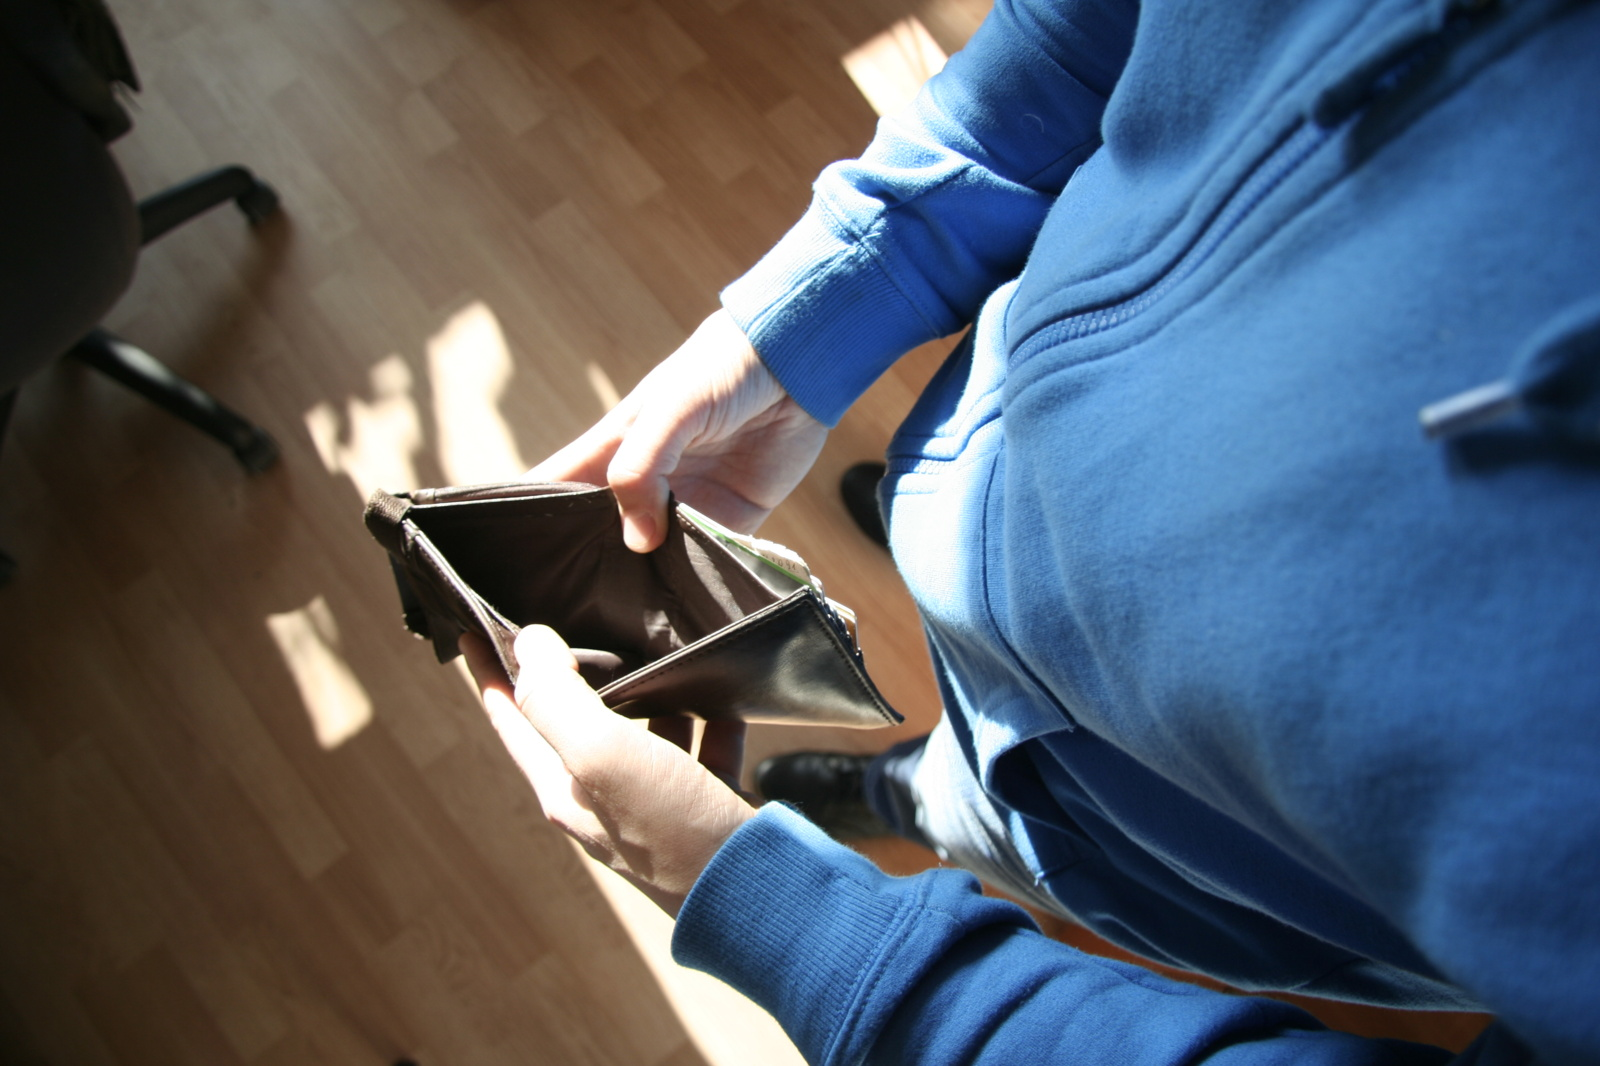 Kriminalai pajūryje: po moters vizito senolis pasigedo 7500 eurų